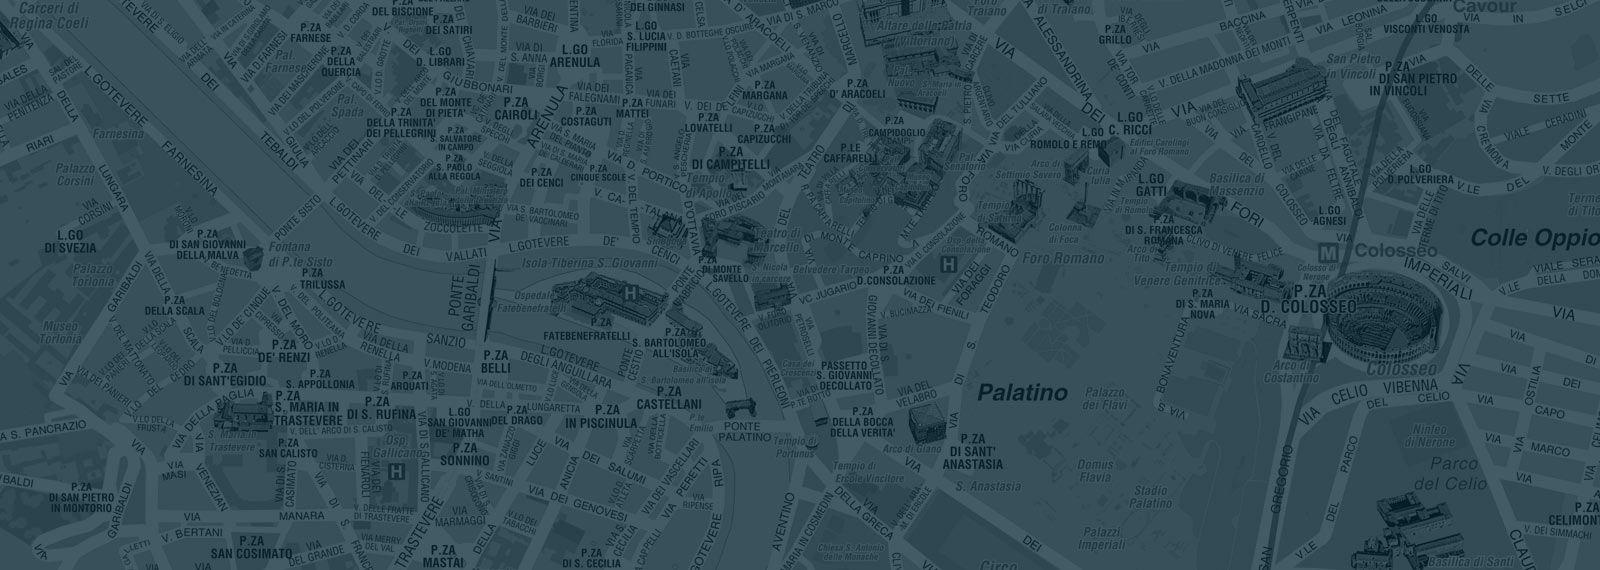 Cartina Roma E Provincia.Mappa Di Roma Pdf Vettoriale E Tiff Da Stampare Edimap